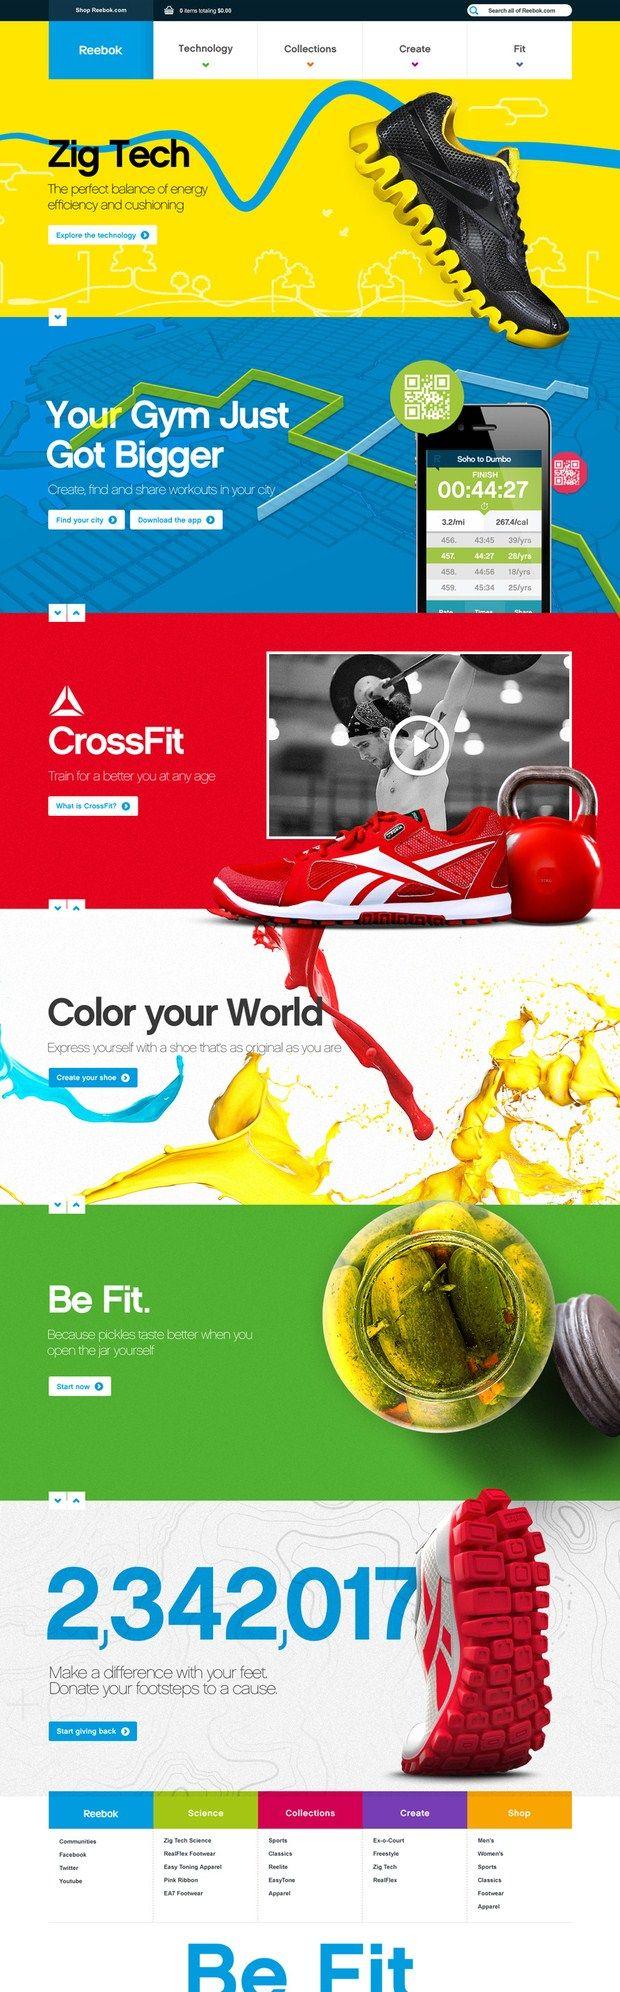 Weekly Web Design Inspiration #16 | Web Design blog, Design Inspiration – Downgraf